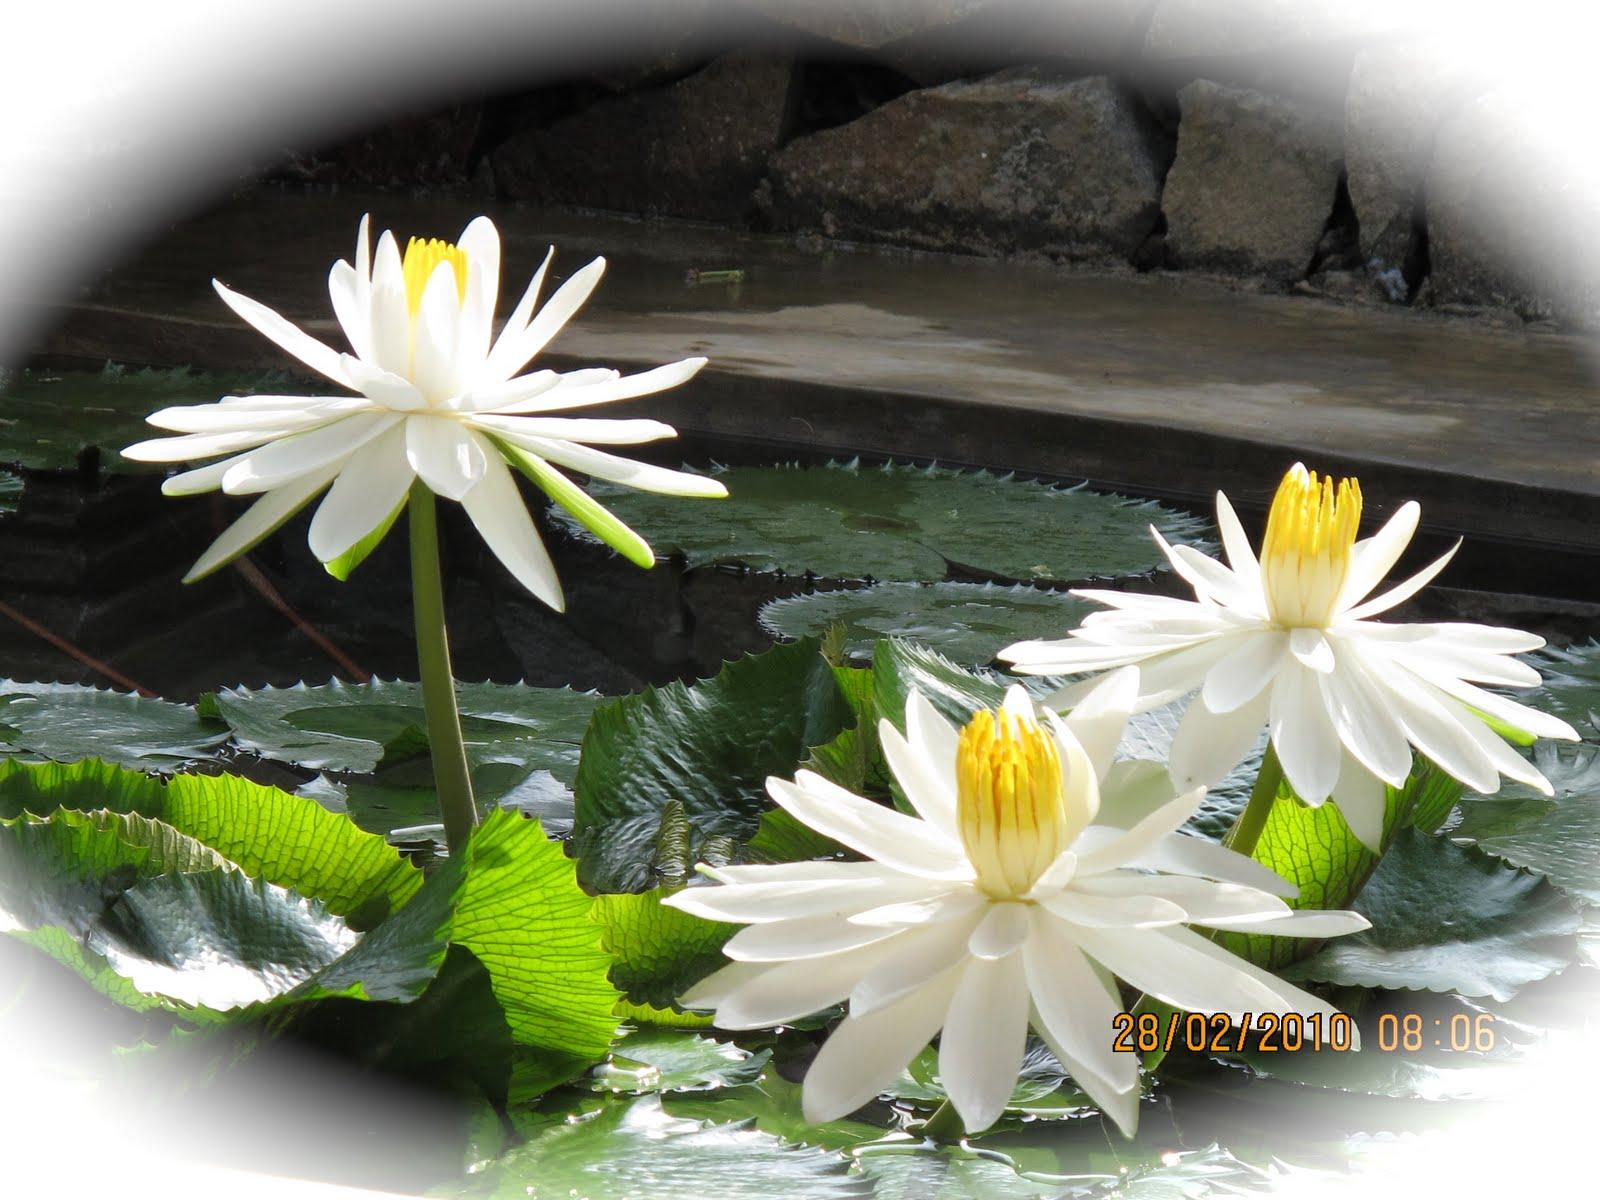 http://4.bp.blogspot.com/-UZzZQiqV33o/TdIcjeZDHRI/AAAAAAAABXc/tiR8bVbjY2A/s1600/Bunga-Hias-Teratai-Putih-2.jpg